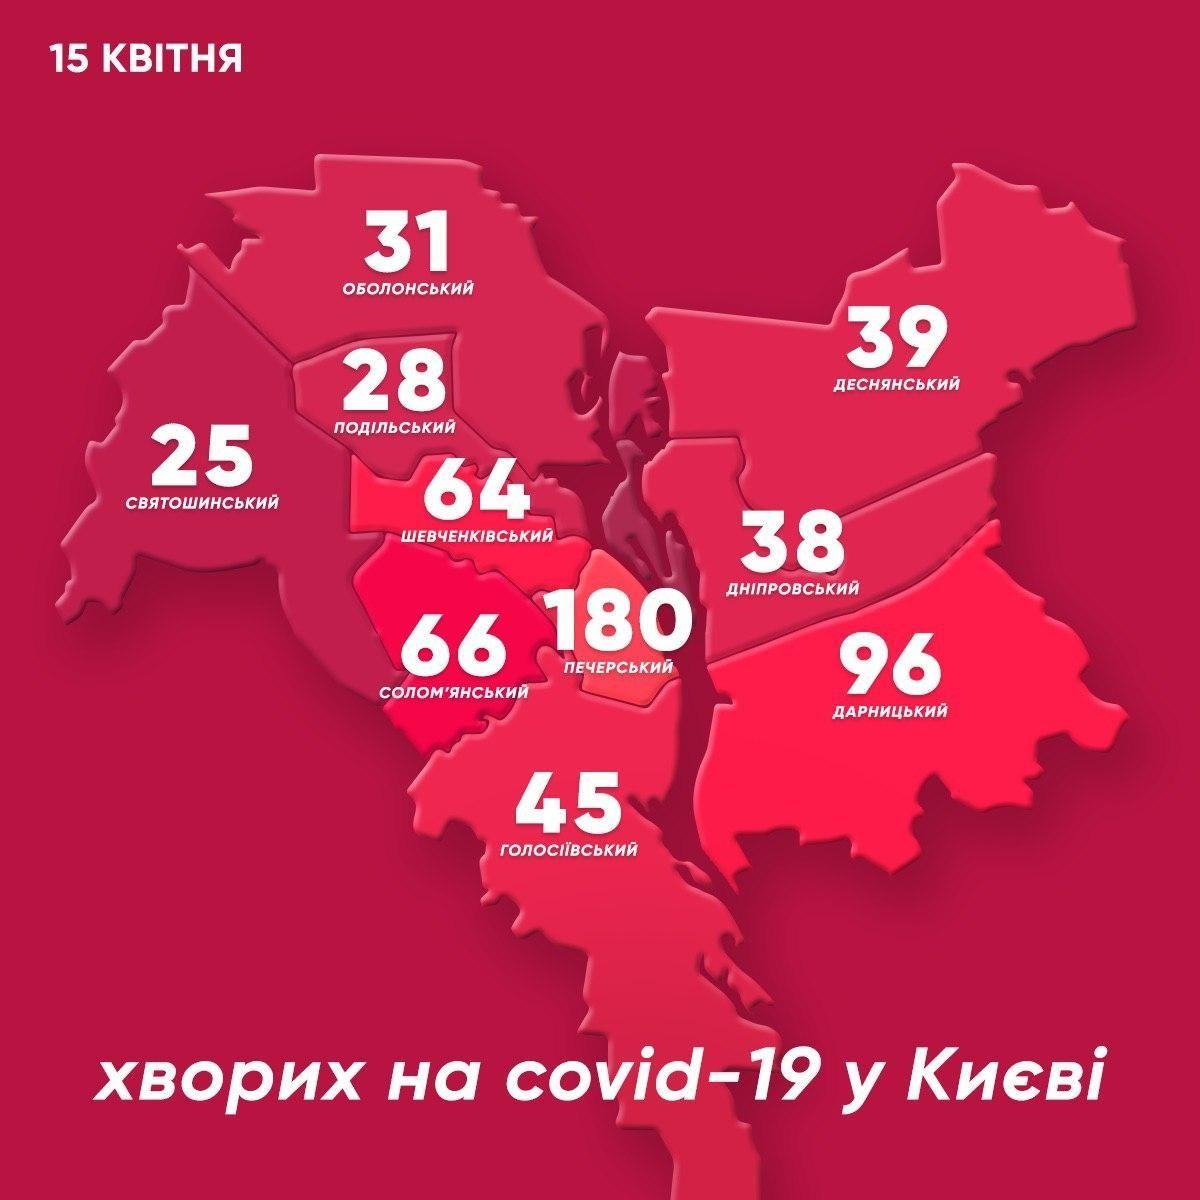 Коронавірус у Києві. Мапа районів столиці станом на 15 квітня